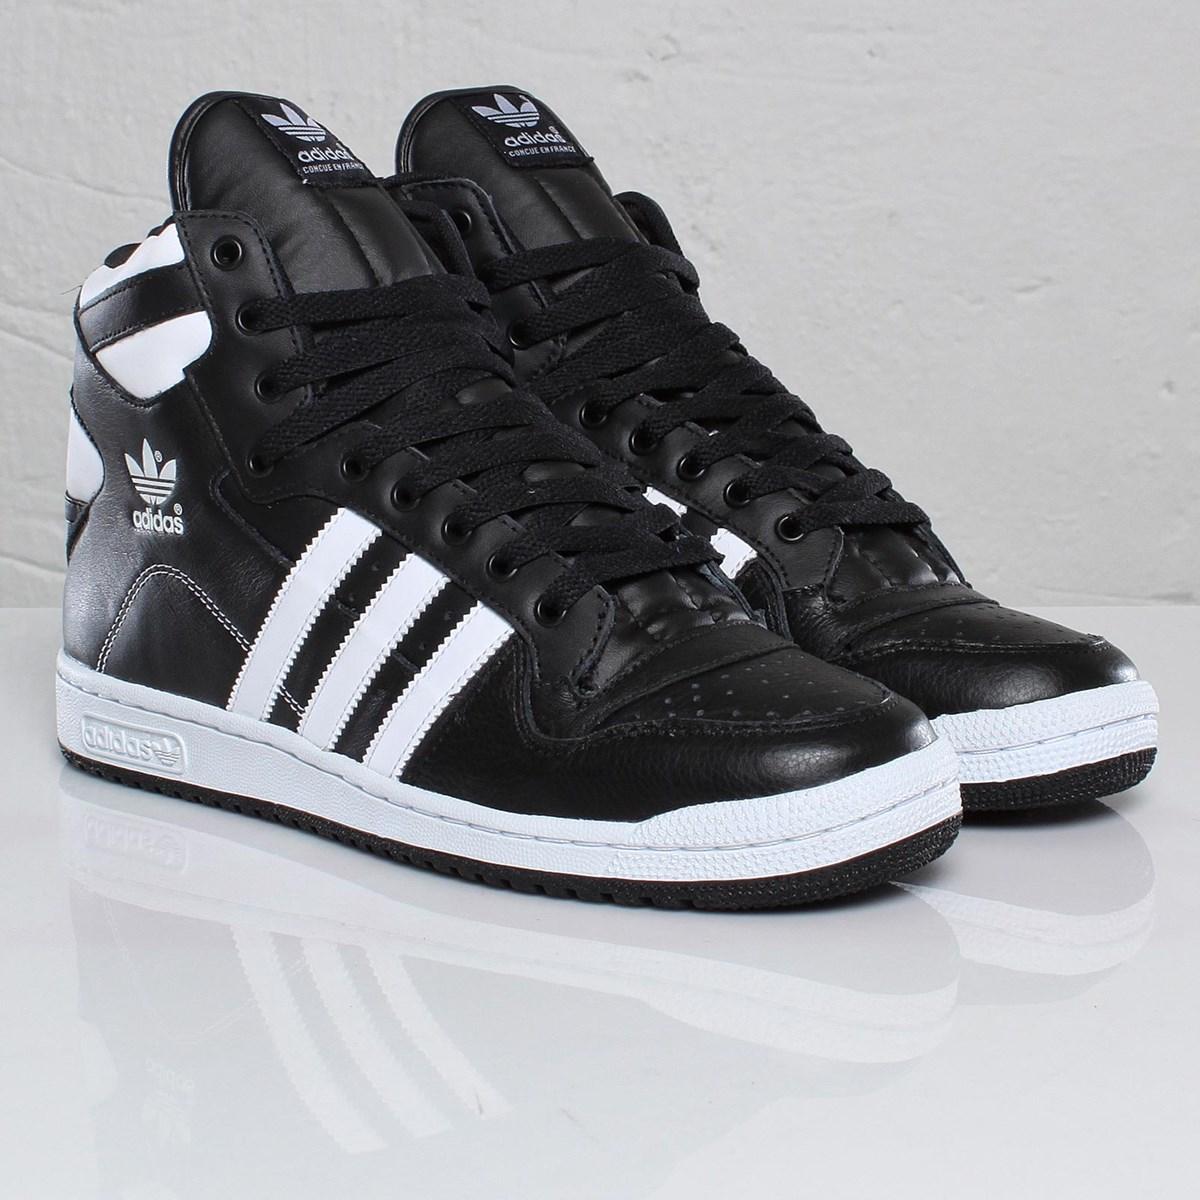 Desviar por otra parte, Camarada  adidas Decade Hi - 101902 - Sneakersnstuff | sneakers & streetwear online  since 1999